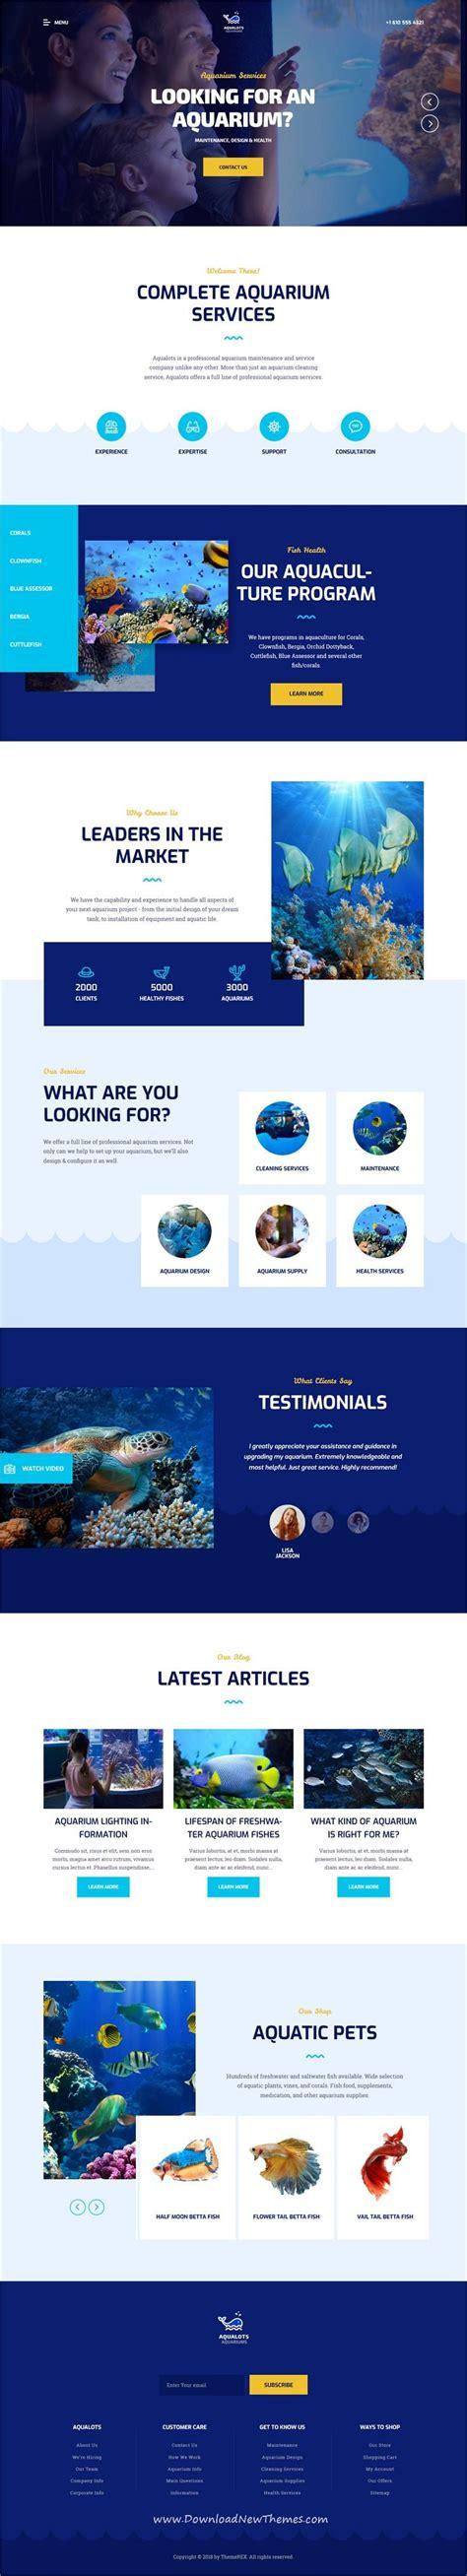 aqualots v1 0 aquarium services wordpress theme